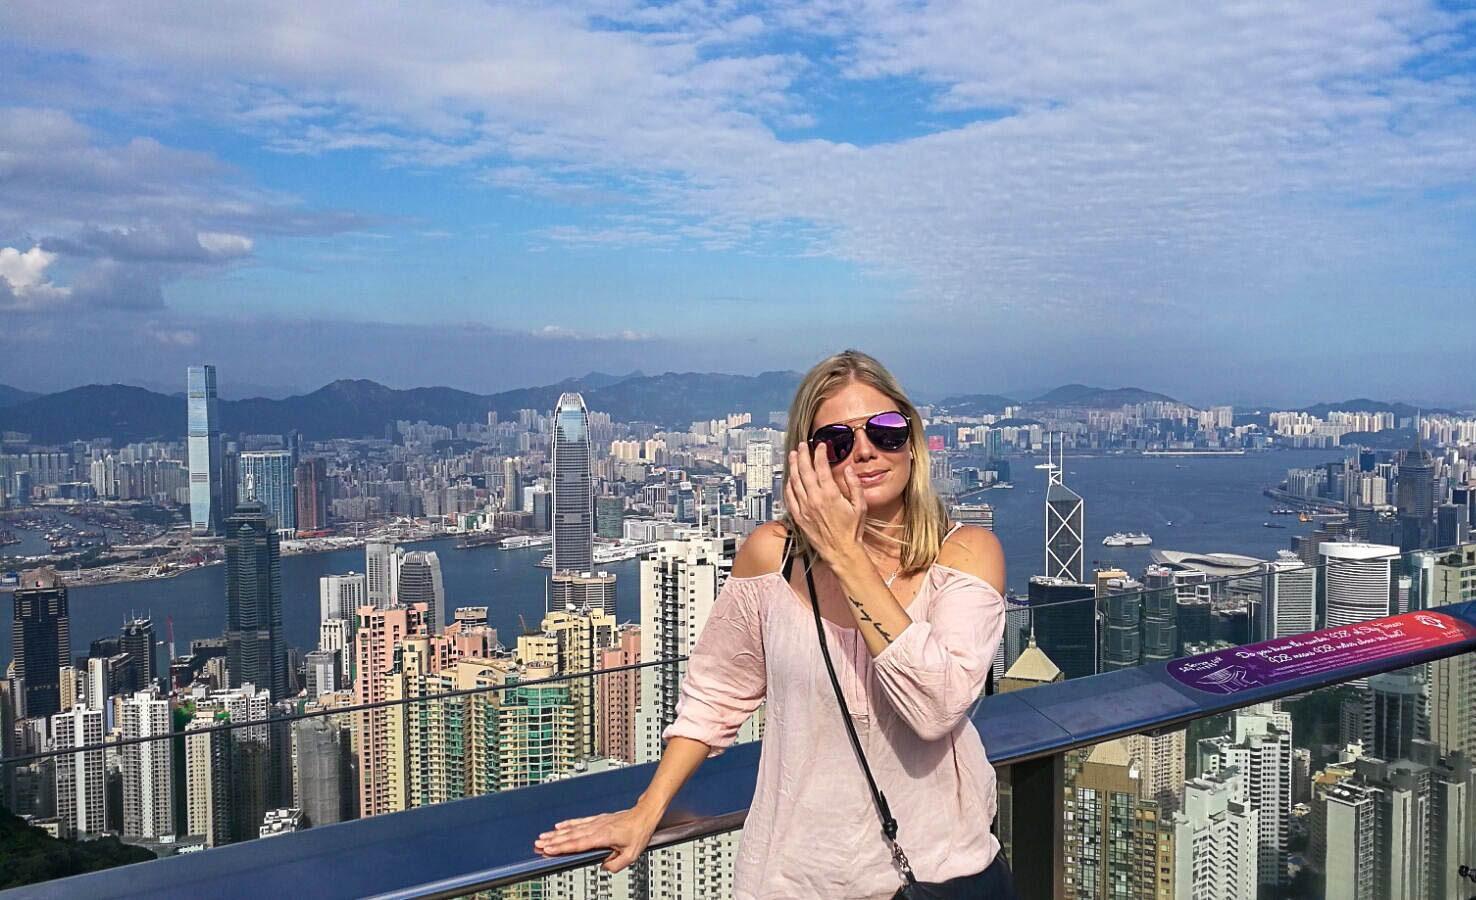 tyttö poseeraa kameralle hong kong pilvenpiirtäjät taustalla.